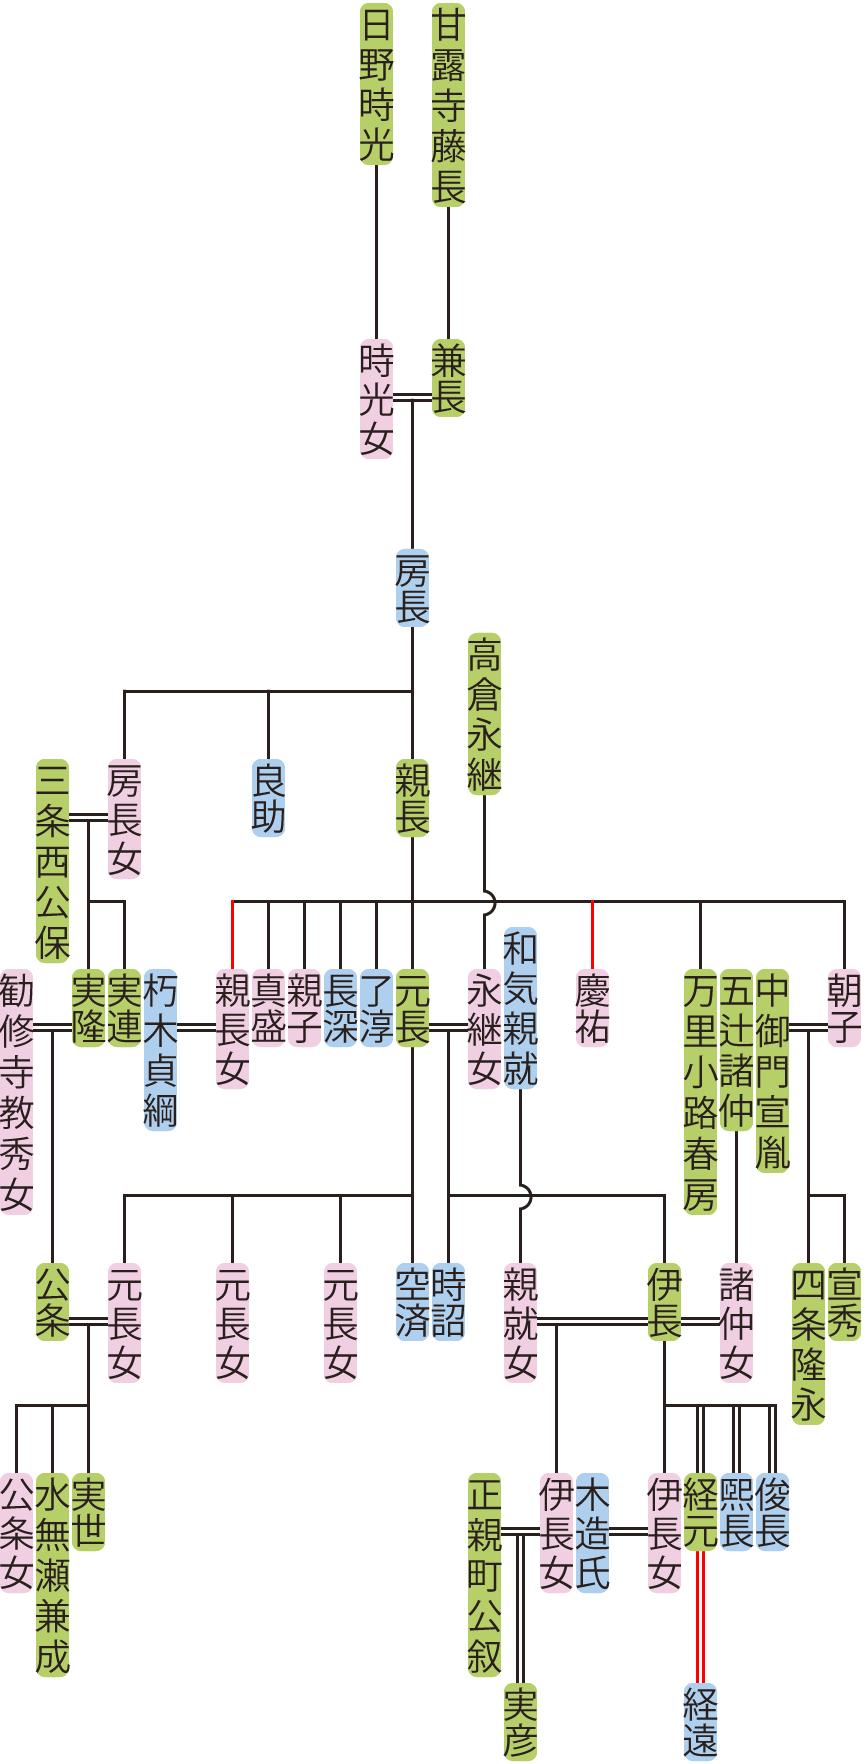 甘露寺房長~伊長の系図